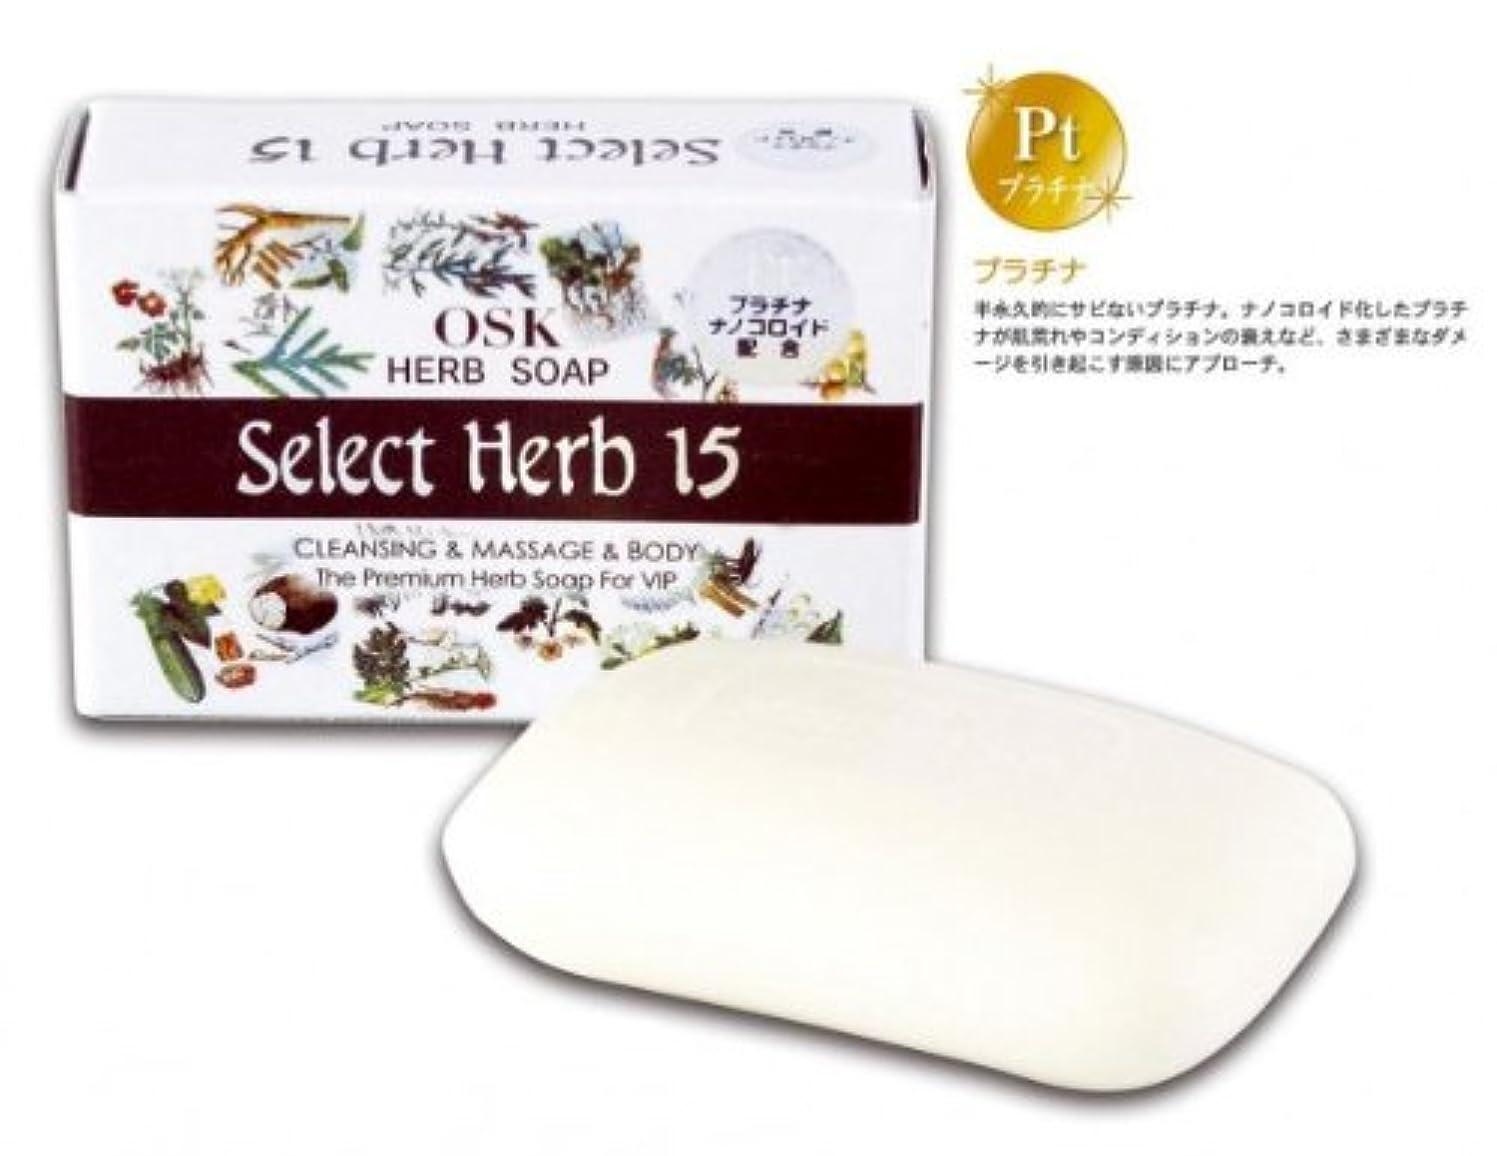 ランデブー監査雄弁なNEW OSK SOAP SelectHerb15(ニューオーエスケーソープセレクトハーブ15)135g